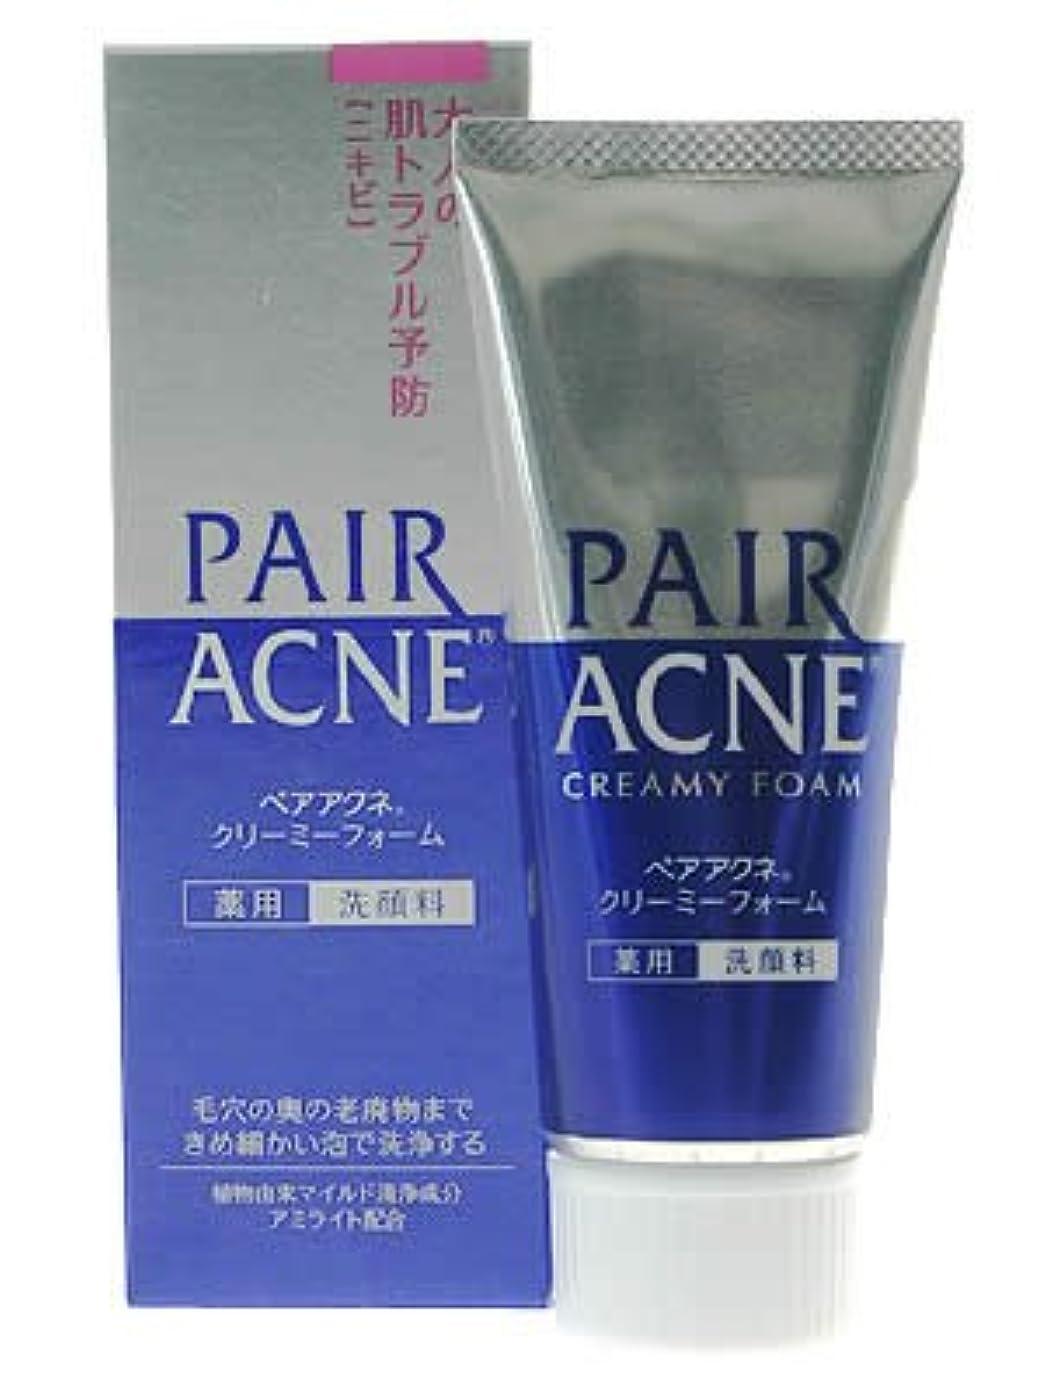 雰囲気小数尊厳ペアアクネ クリーミーフォーム 薬用洗顔料 80g(医薬部外品)